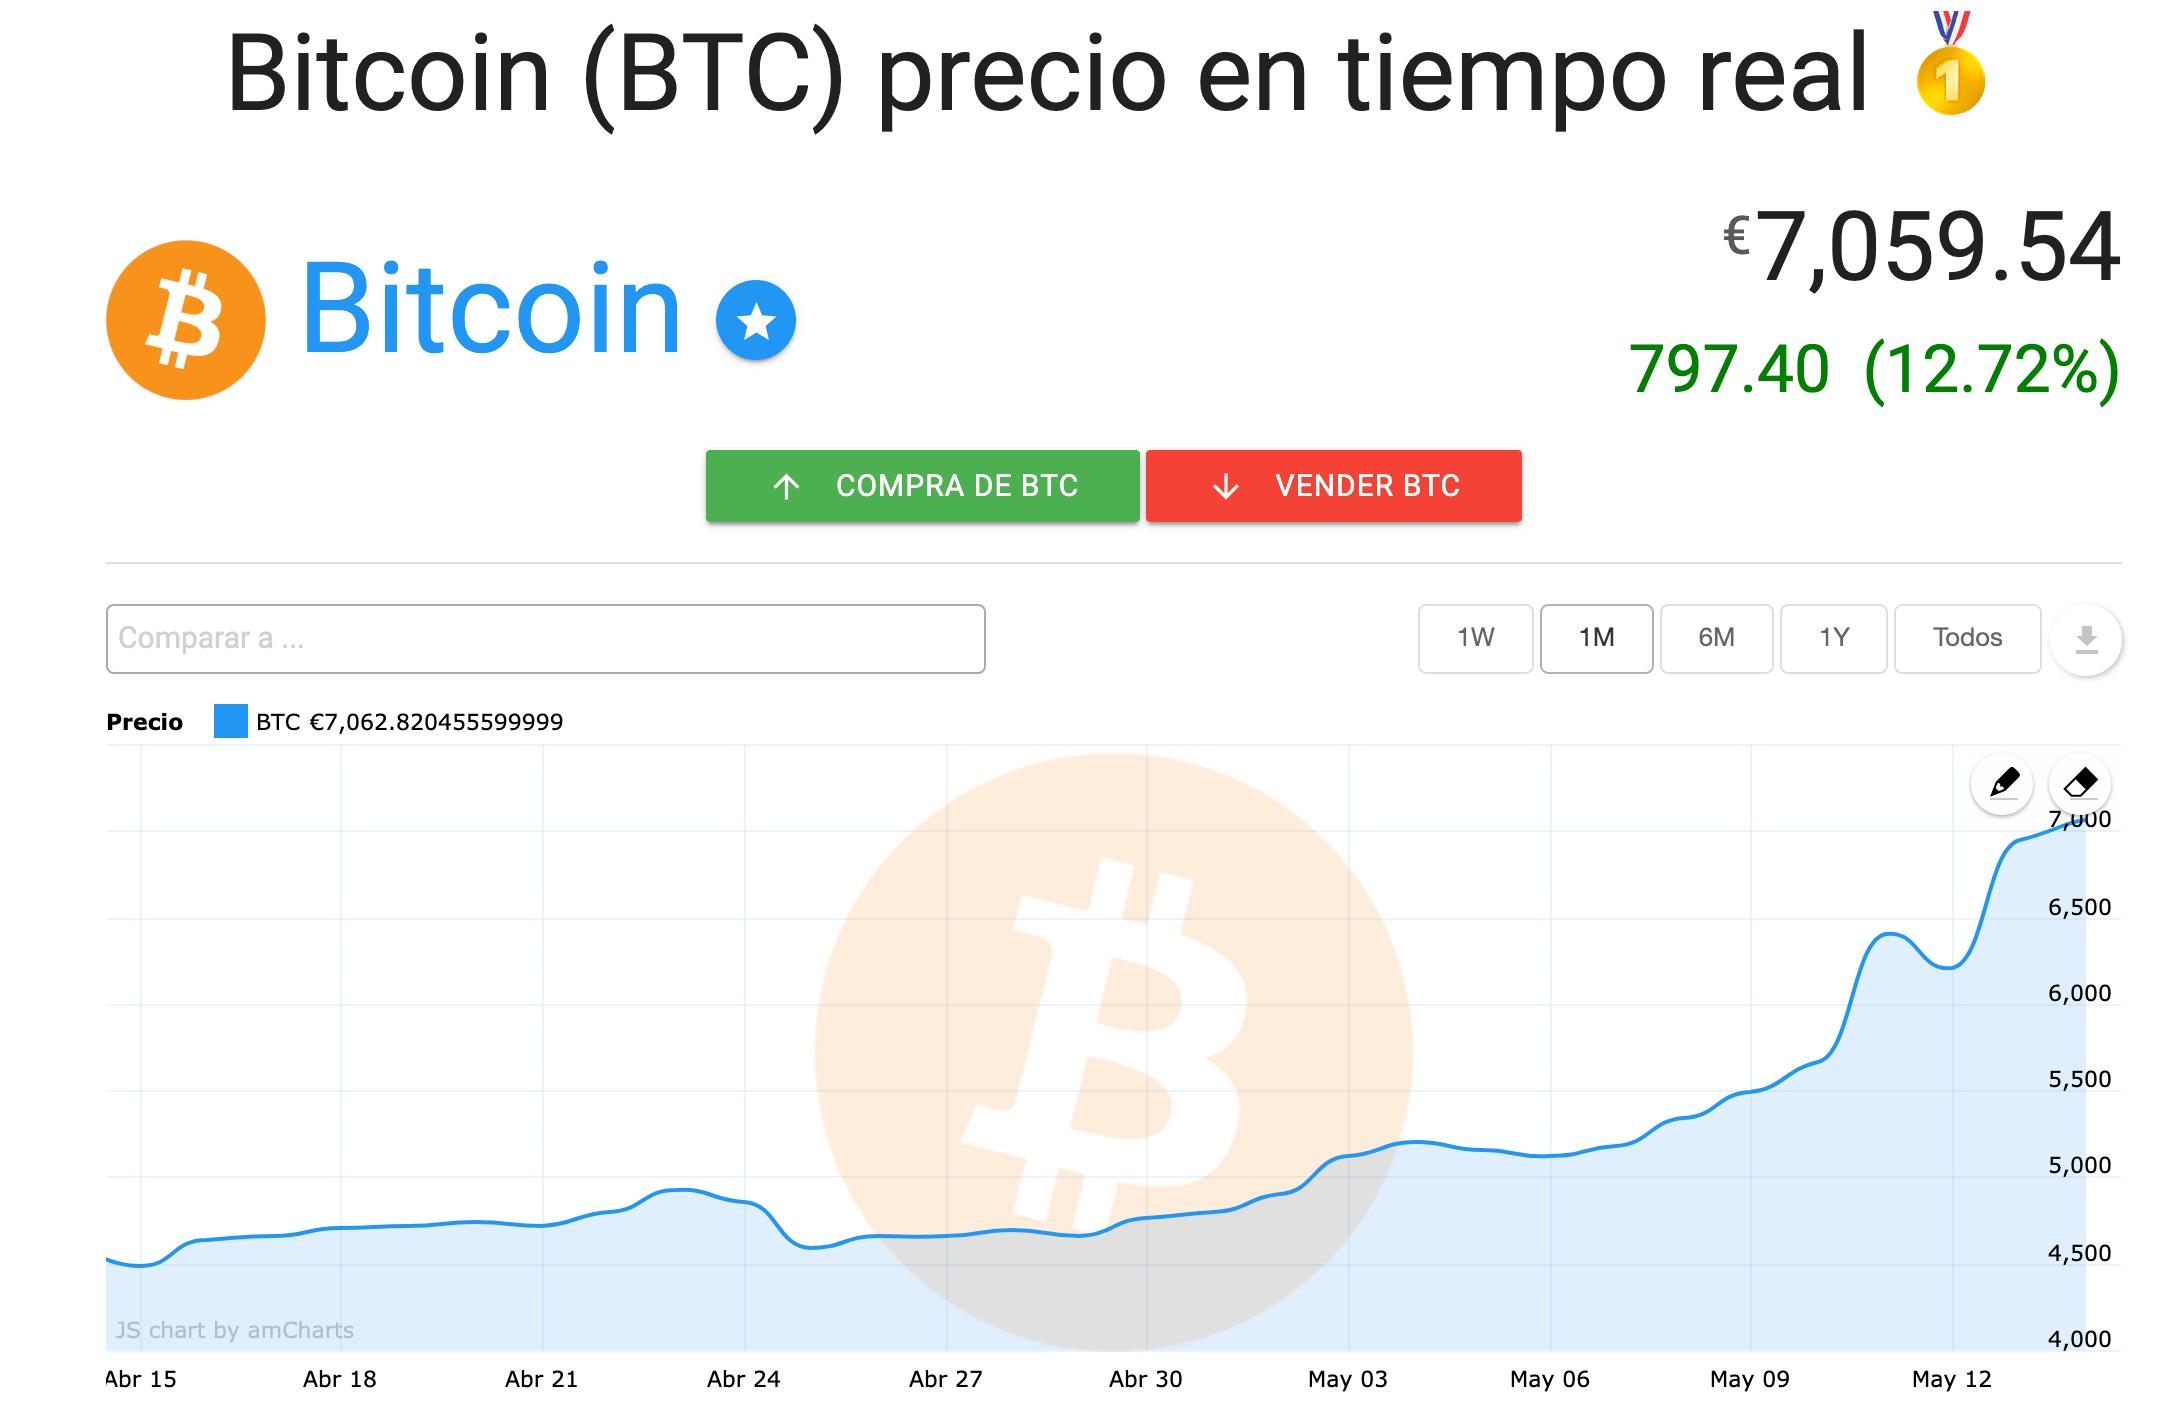 Tendencia del Bitcoin después de alcanzar el nivel de precio de $ 7,500